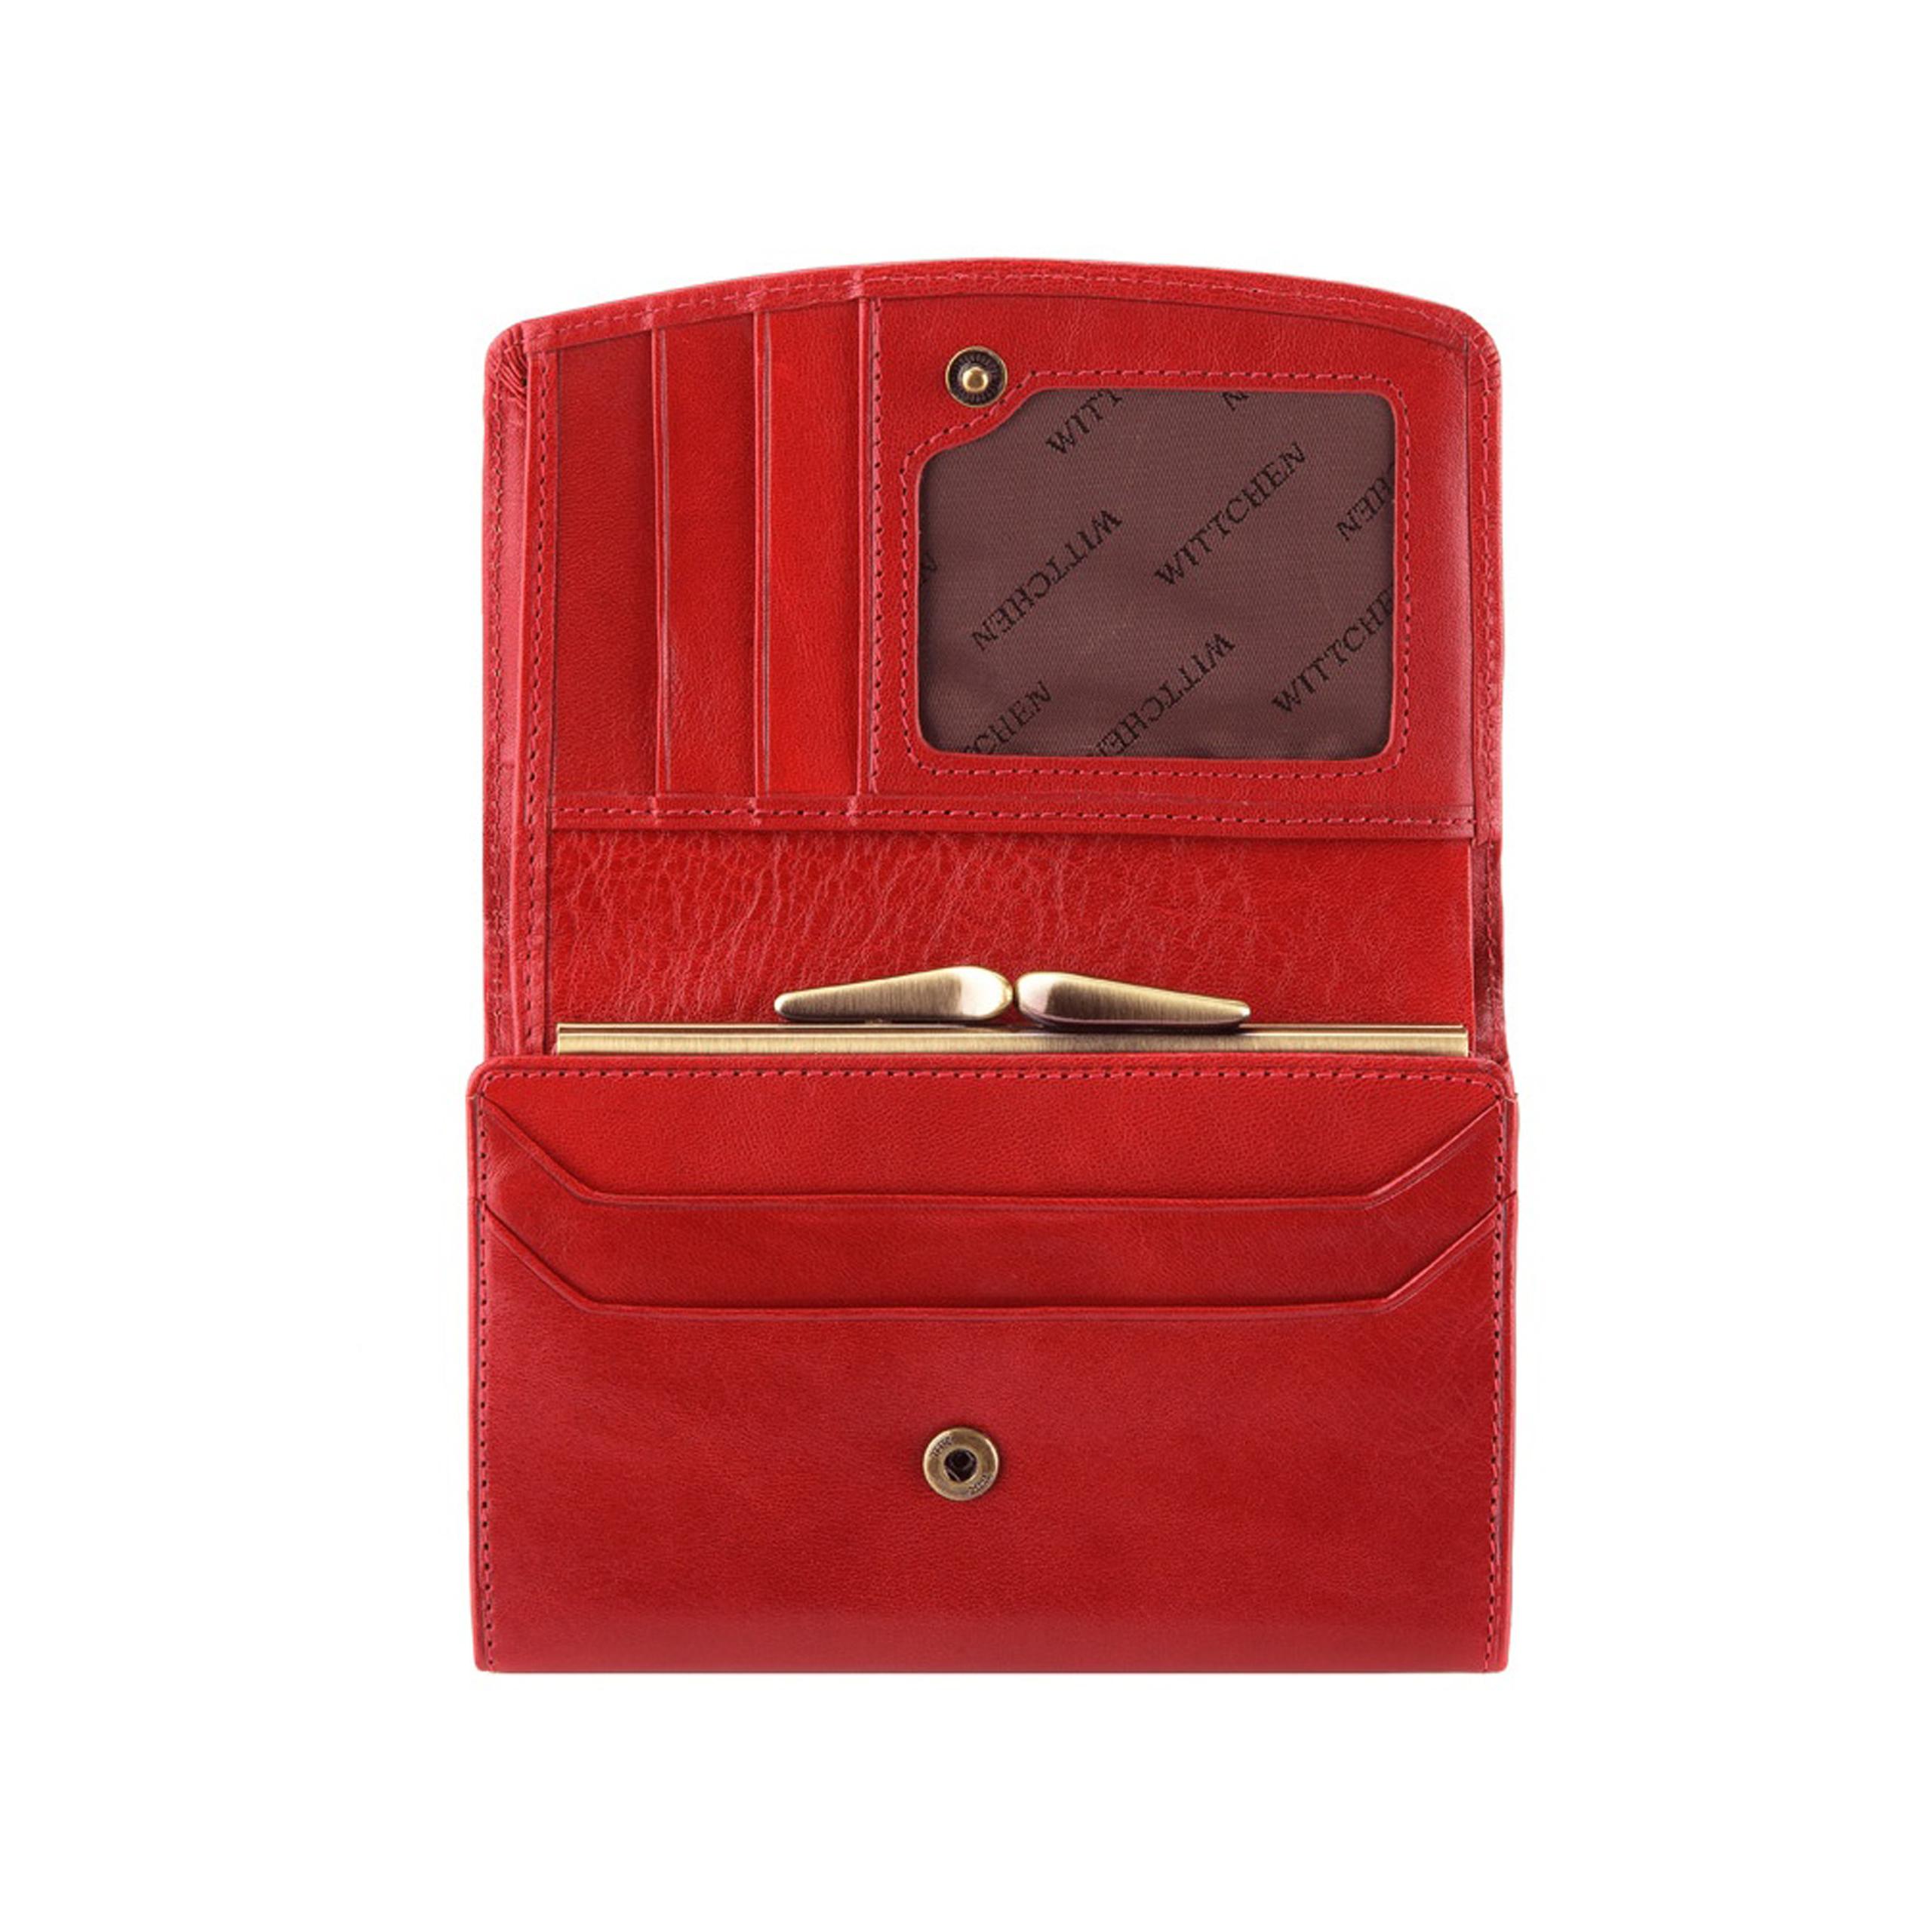 c5c8dbf38f838 Portfel Wittchen Arizona 10-1-062-3 czerwony. Oferta specjalna. Kod produktu:  10-1-062